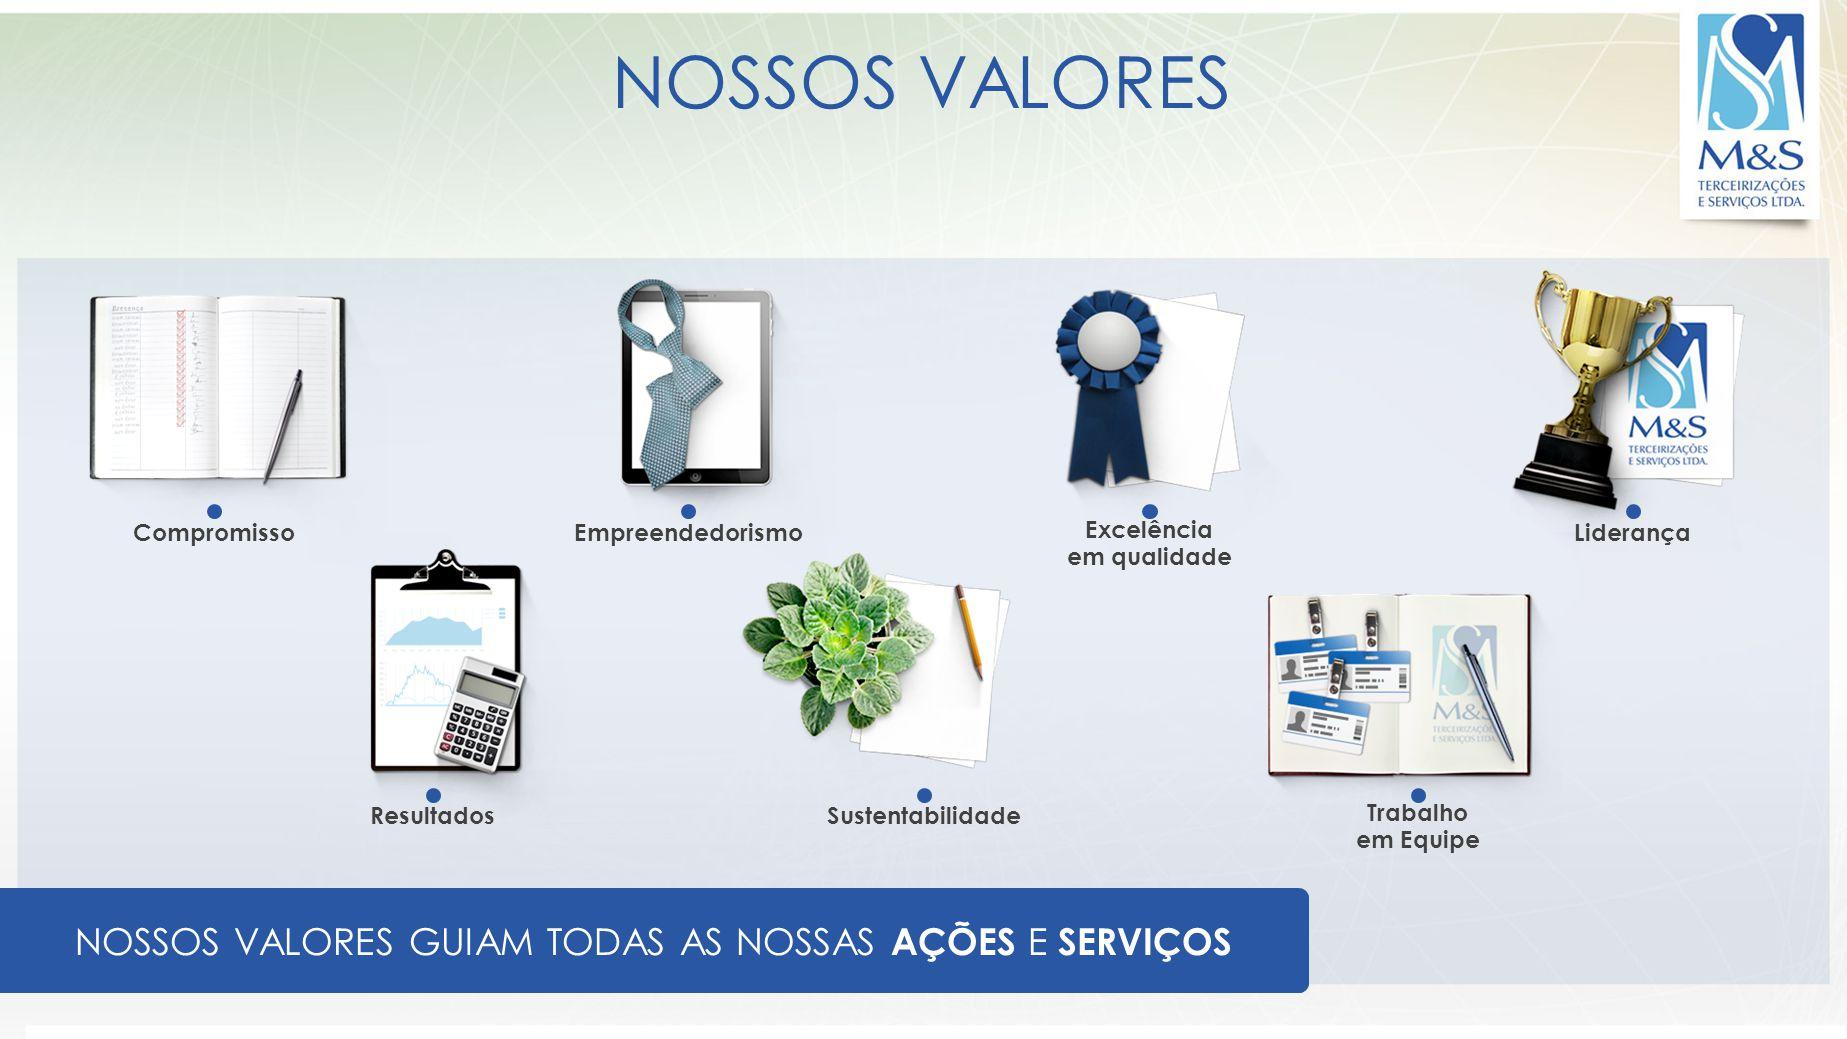 ASSESSORIA JURÍDICA Uma das maiores vantagens da terceirização é assegurar os serviços de assessoria jurídica trabalhista.